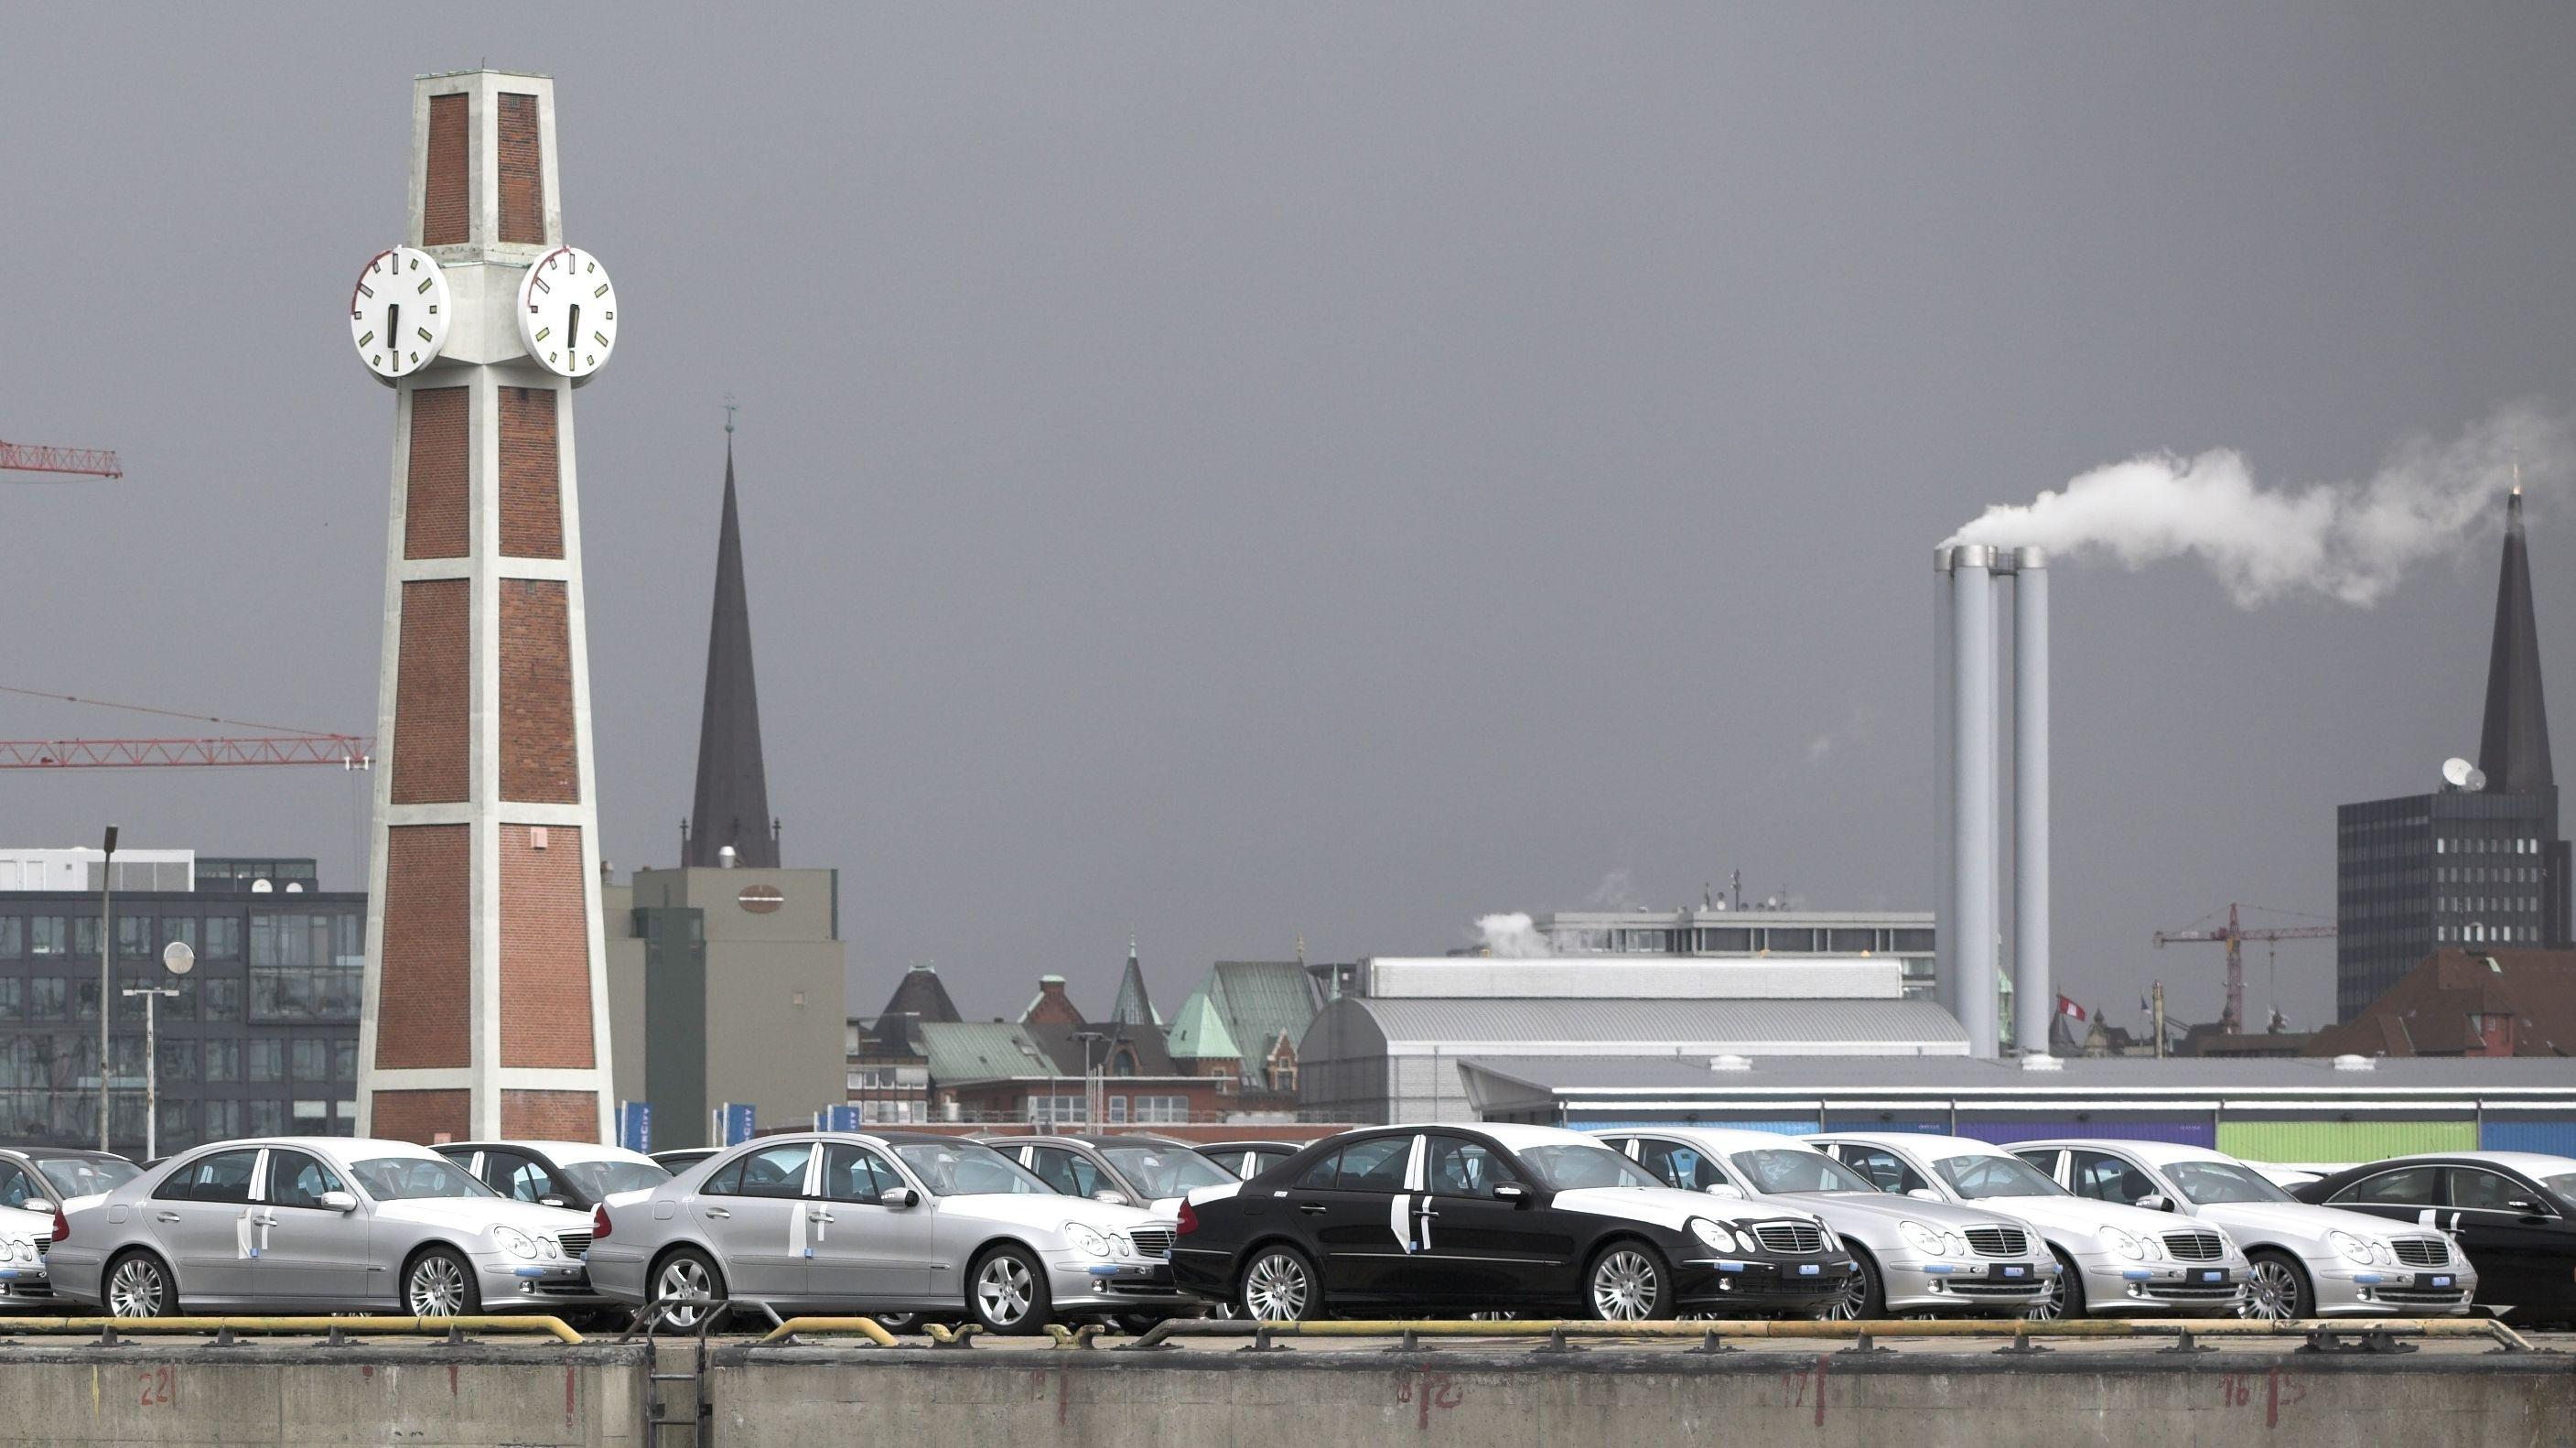 Schwarze und silberne Autos die mit Folien beklebt sind stehen an einer Hafenkante. Dahinter ein Uhrenturm und rauchende Kamine.